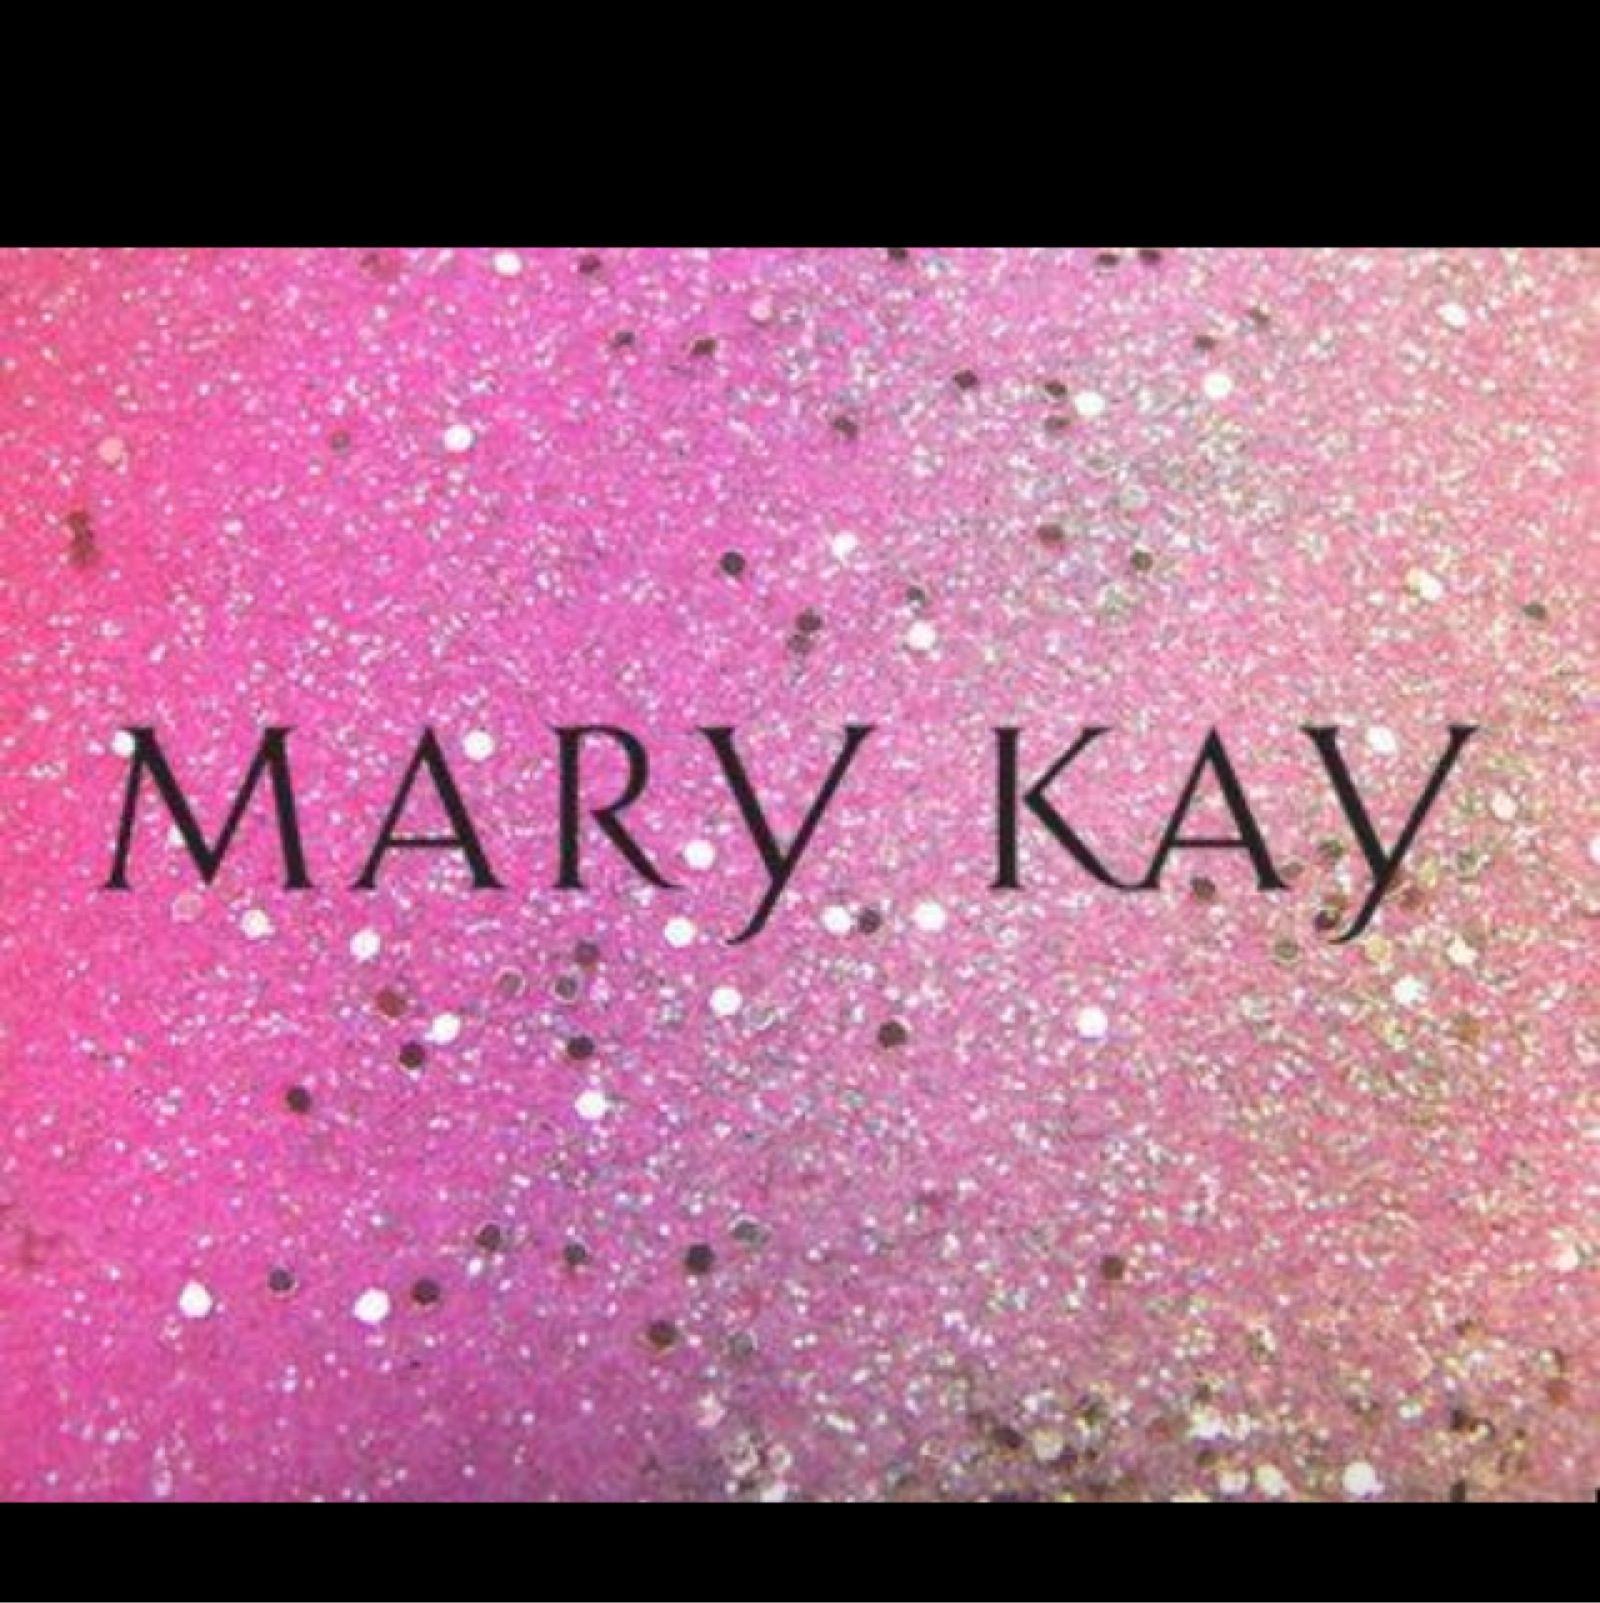 Mary Kay marykaydfsur